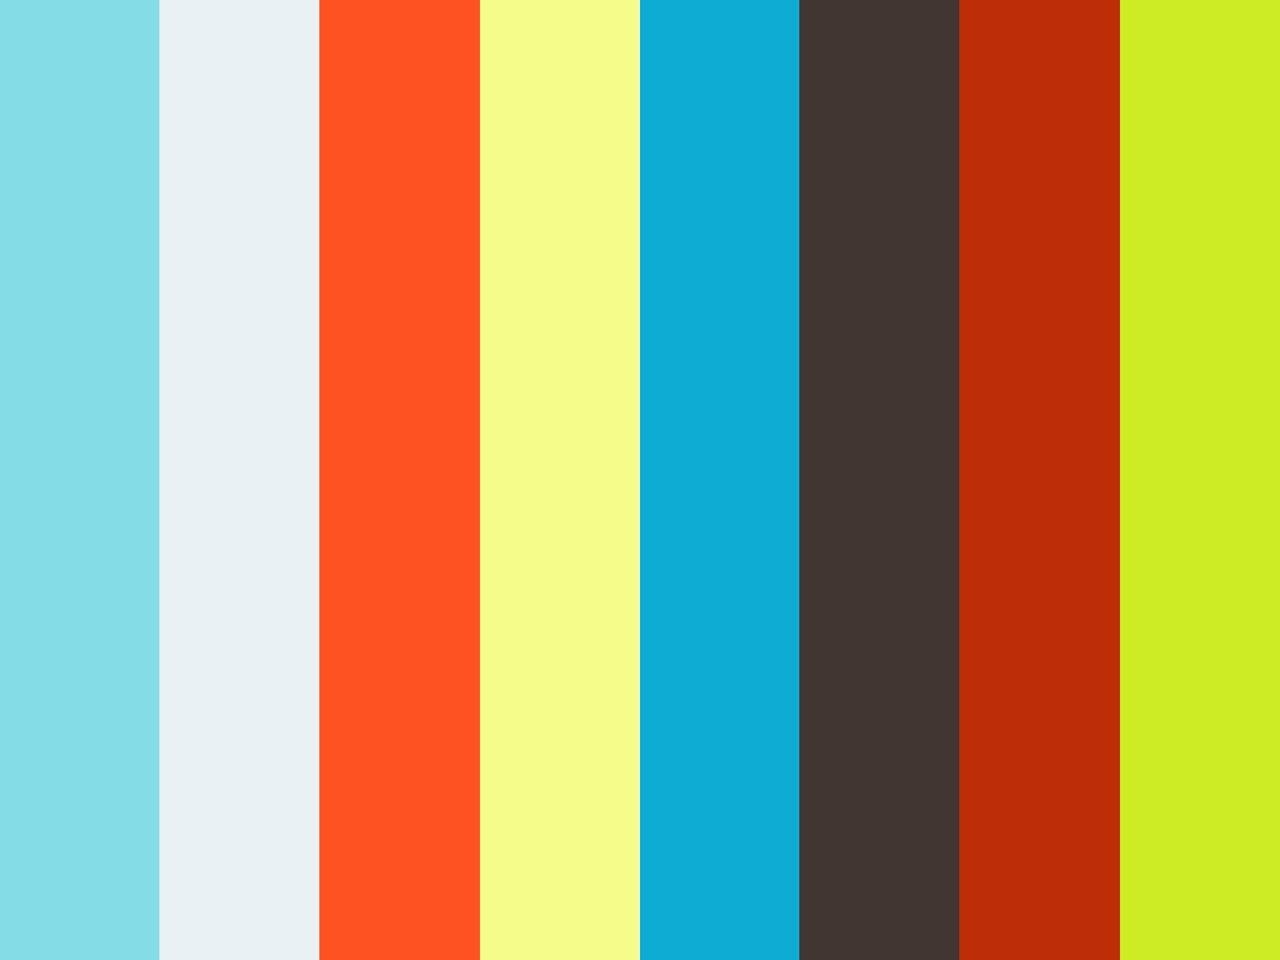 ΕΡΑΣΜΕΙΟΣ ΕΛΛΗΝΟΓΕΡΜΑΝΙΚΗ ΣΧΟΛΗ_καλοκαιρινές εκδηλώσεις 2017.wav